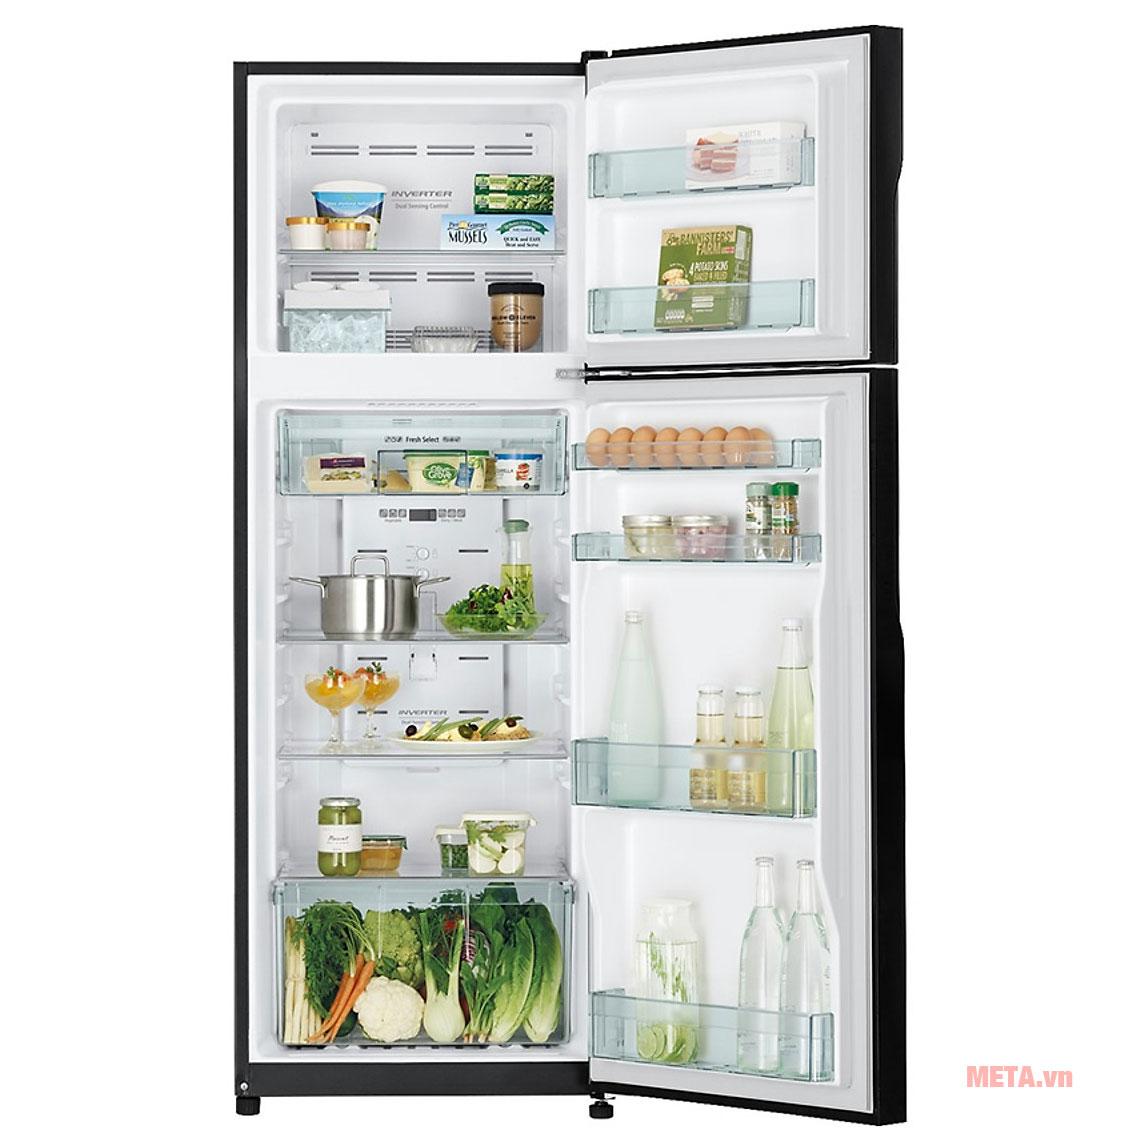 Tủ lạnh Inverter Hitachi R-H310PGV7(BBK) với tổng dung tích 260 lít